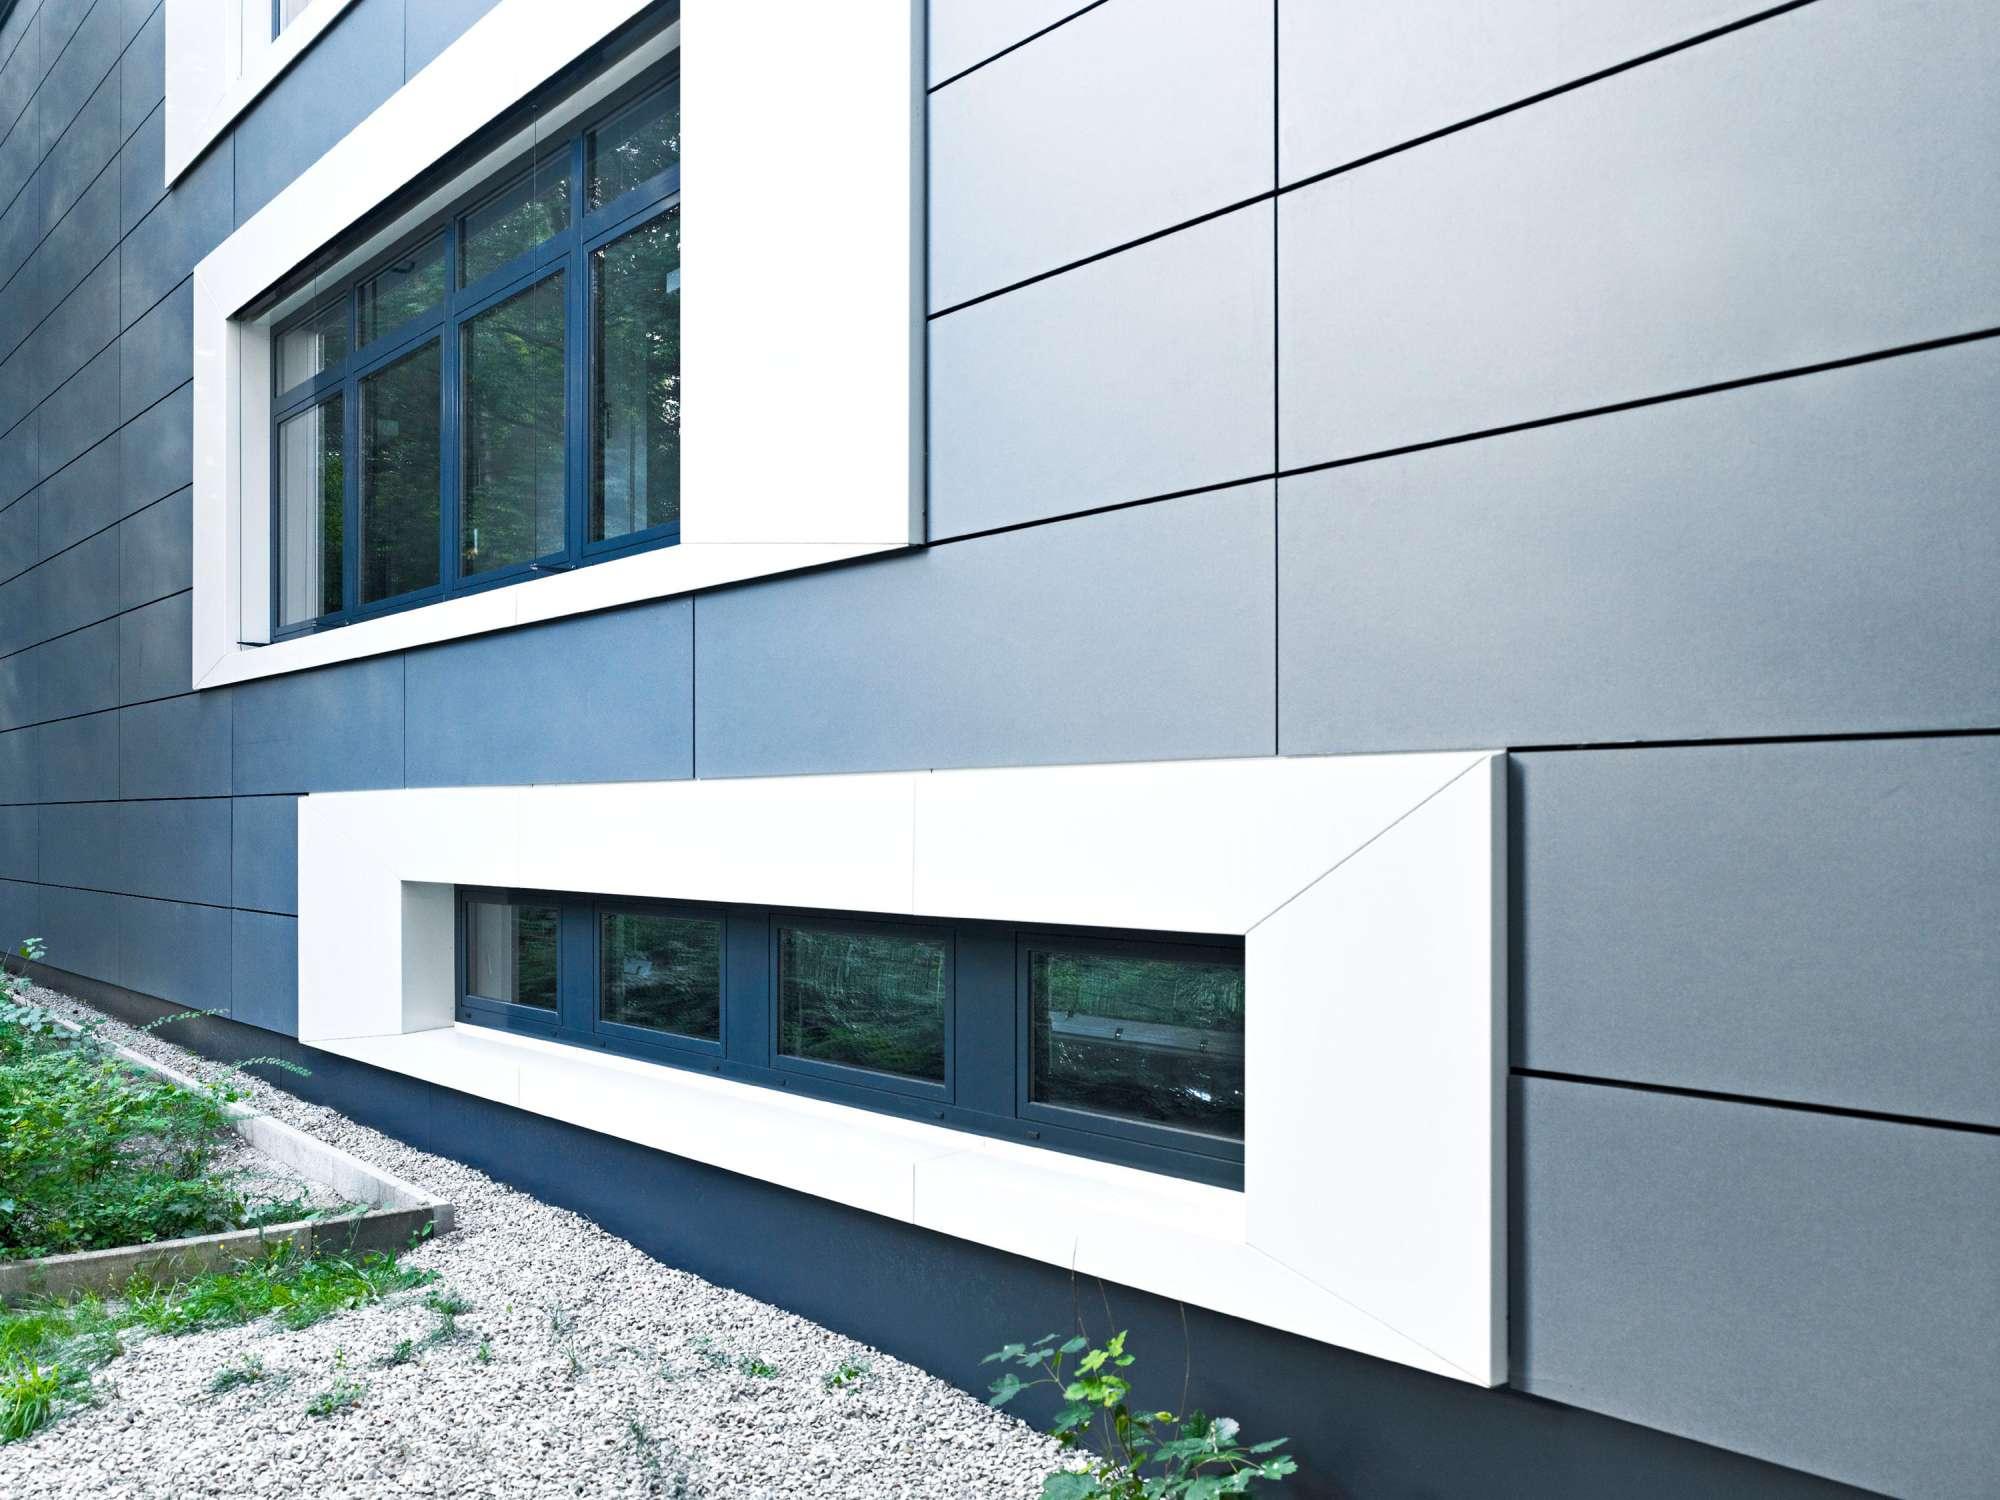 Energetische Sanierung Friedrich-Miescher-Laboratorium (10)